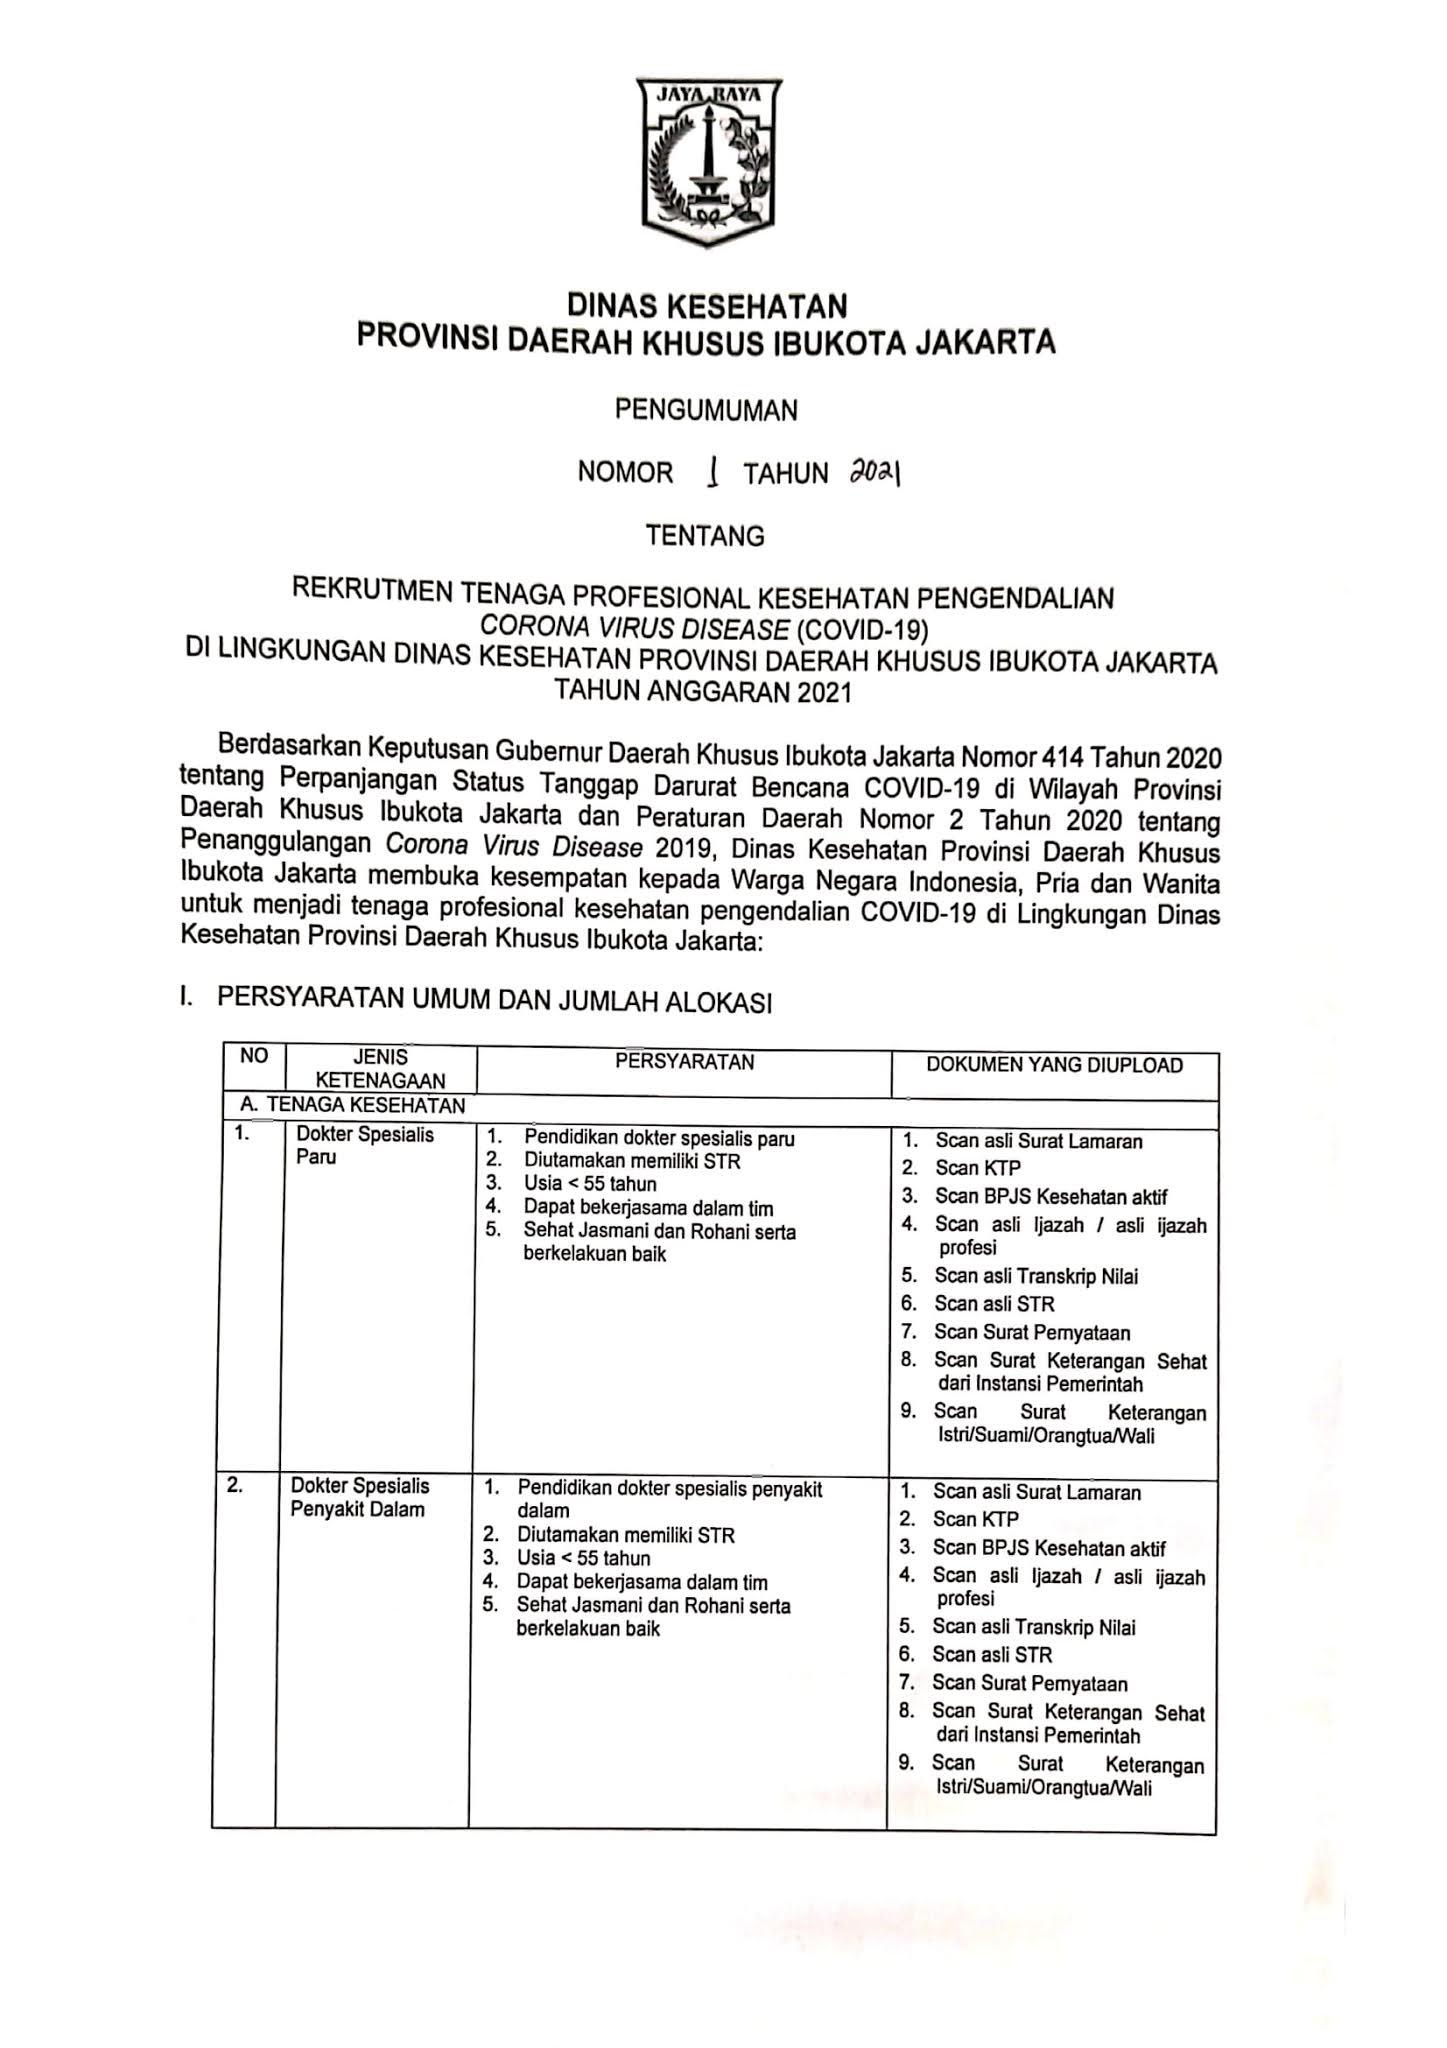 Lowongan Non PNS Dinas Kesehatan Provinsi DKI Jakarta Tingkat D3 S1 Tahun Anggaran 2021